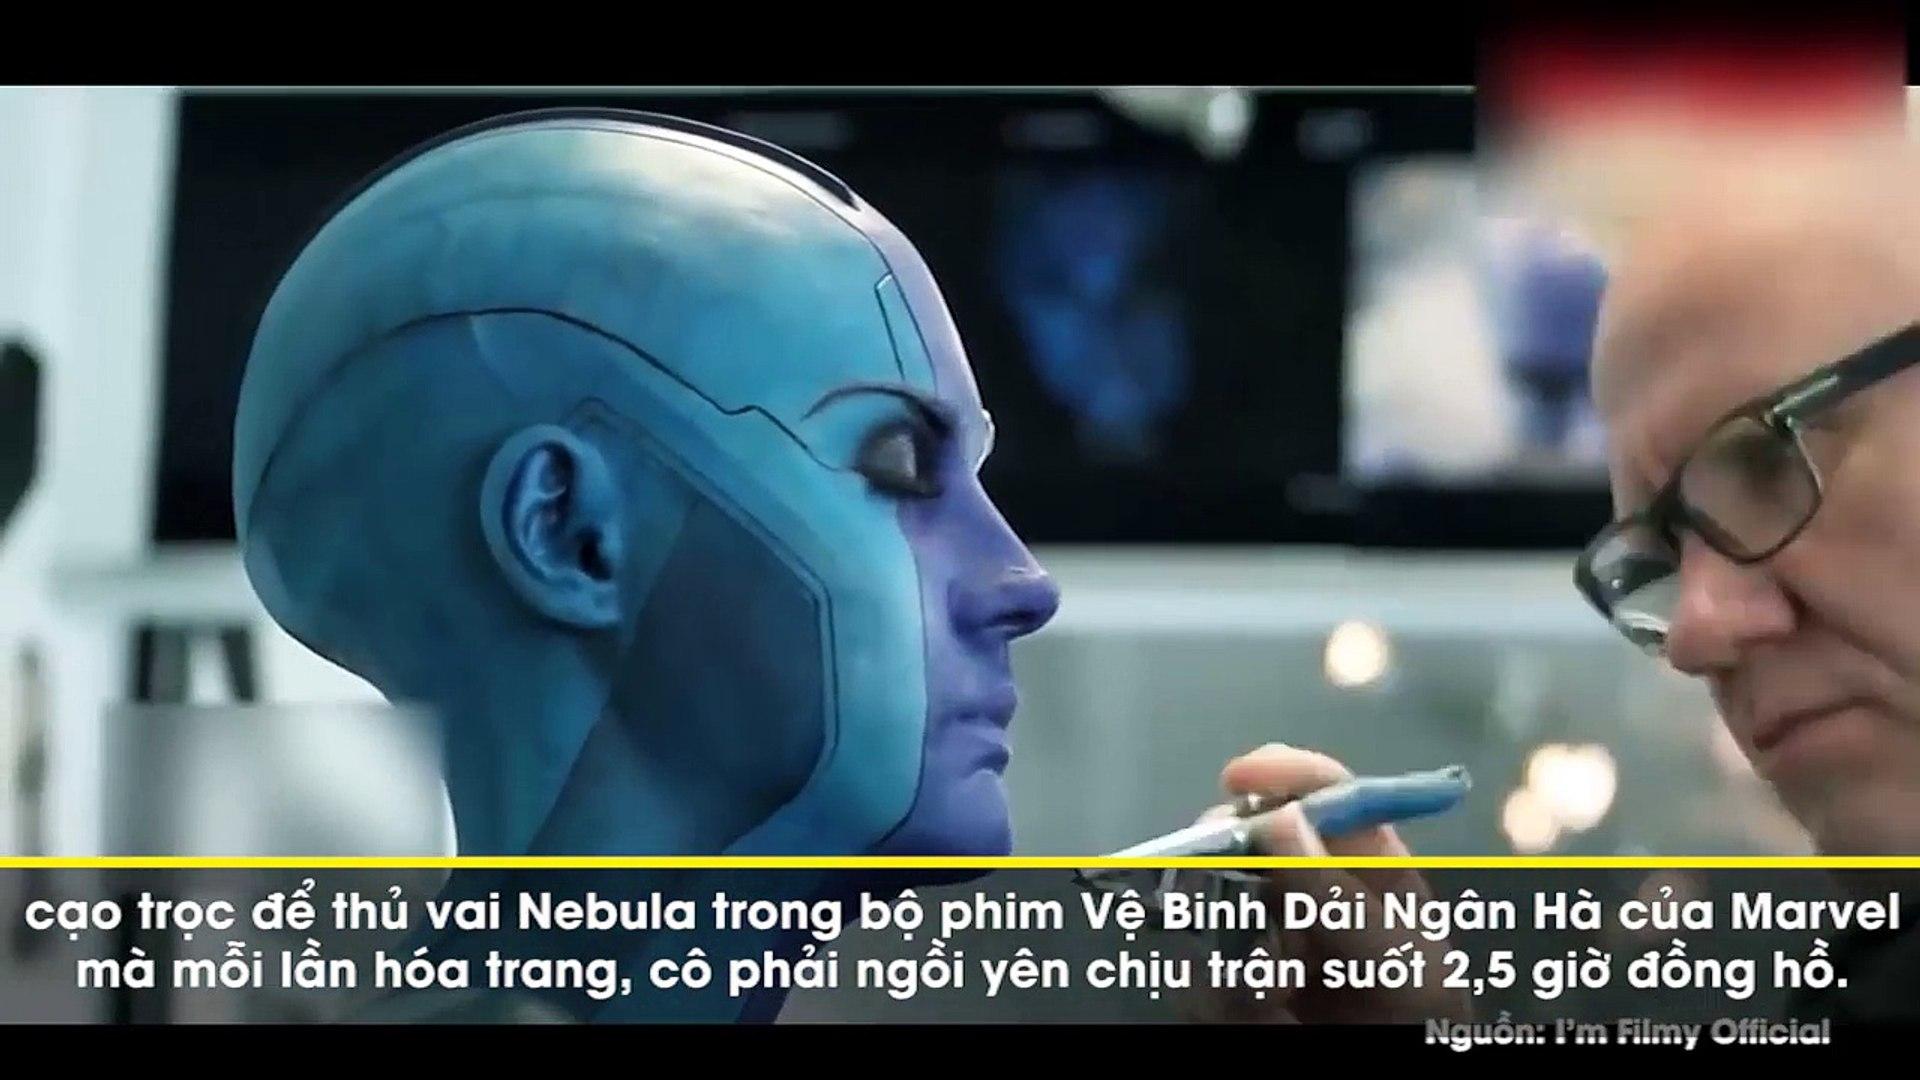 Fan Marvel sửng sốt khi phát hiện Nebula xấu xí trong phim là mỹ nhân -cực phẩm- ngoài đời thế này